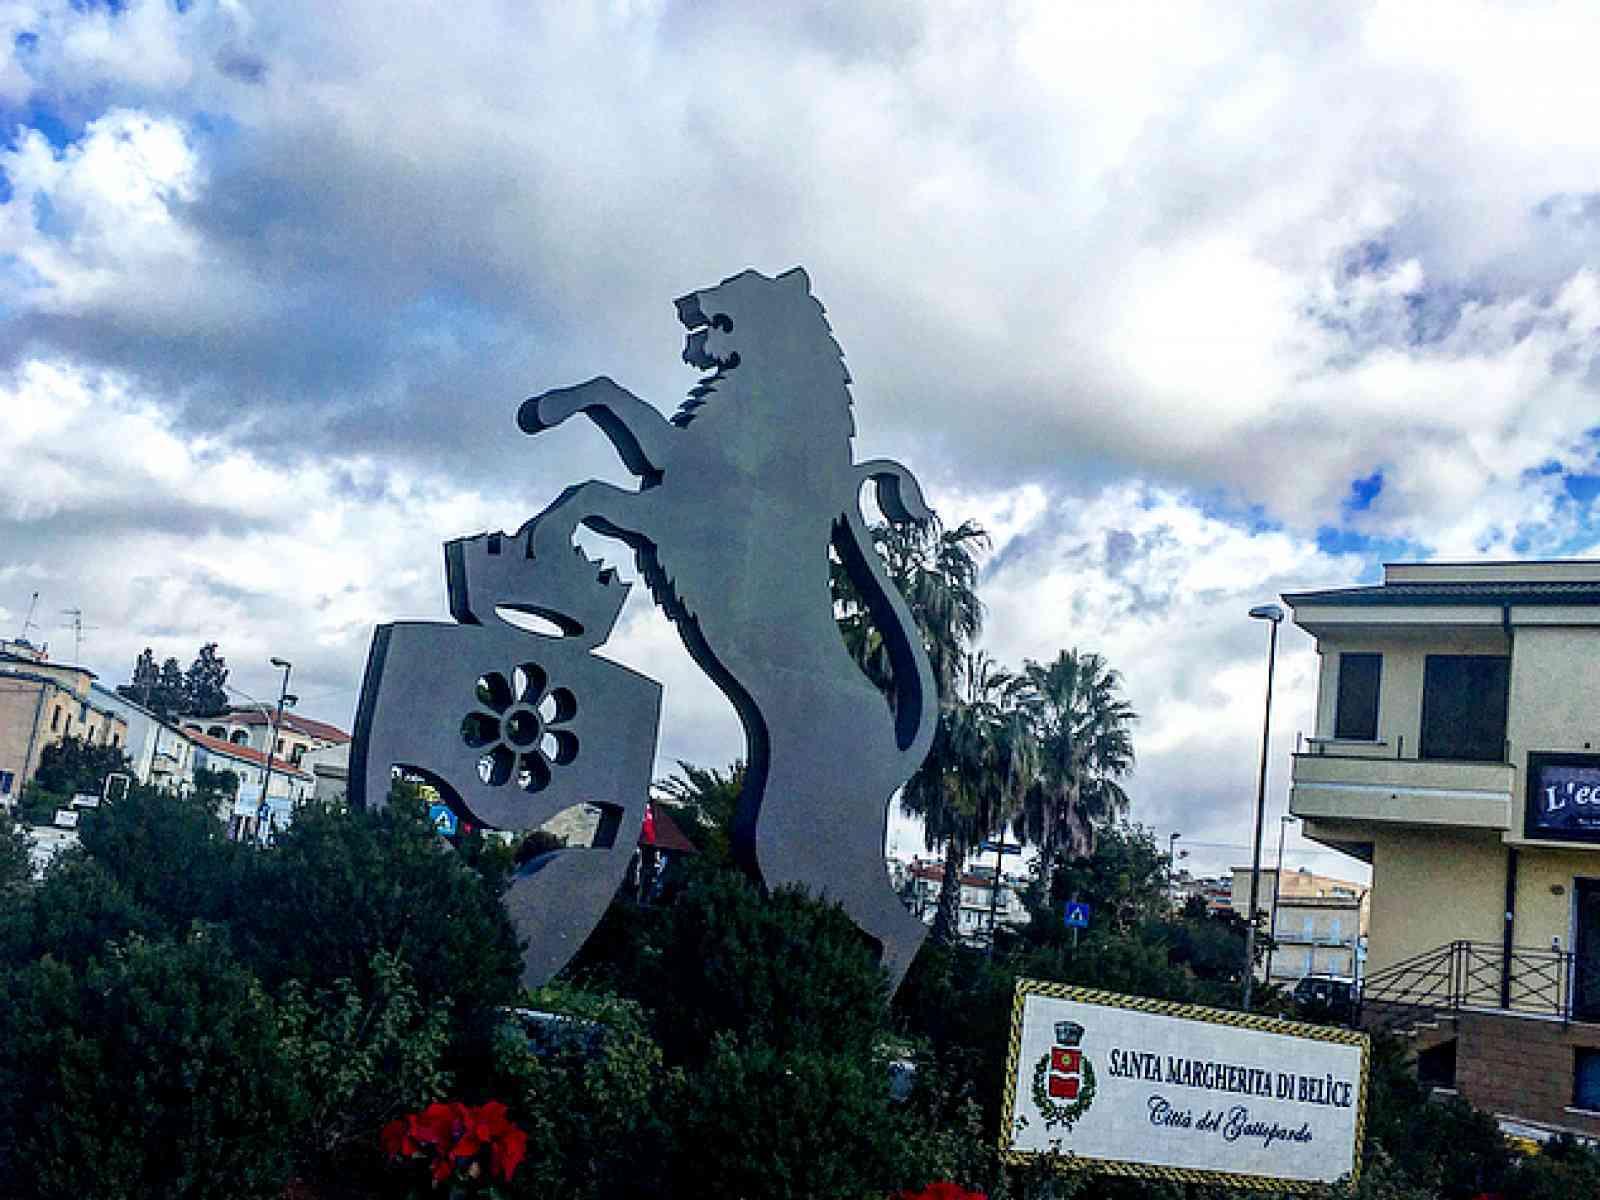 Immagine articolo: Santa Margherita, presentati tre progetti per i cantieri di servizio. Una pista pedonale e la pavimentazione di un marciapiede tra i progetti